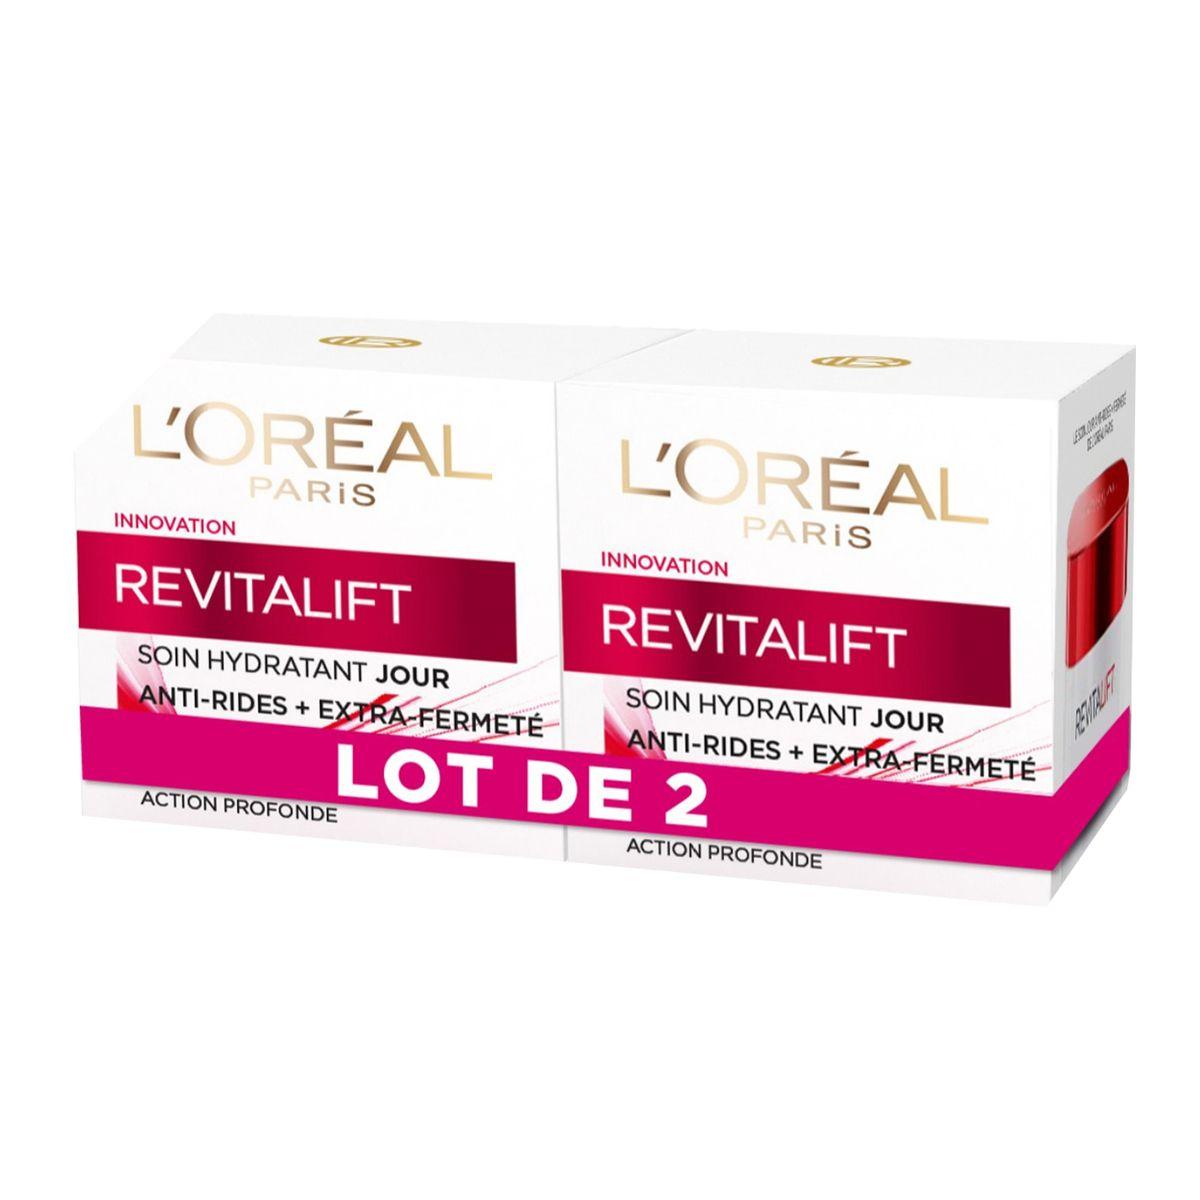 L'Oréal Revitalift soin de jour hydratant anti-rides et fermeté 2x50ml